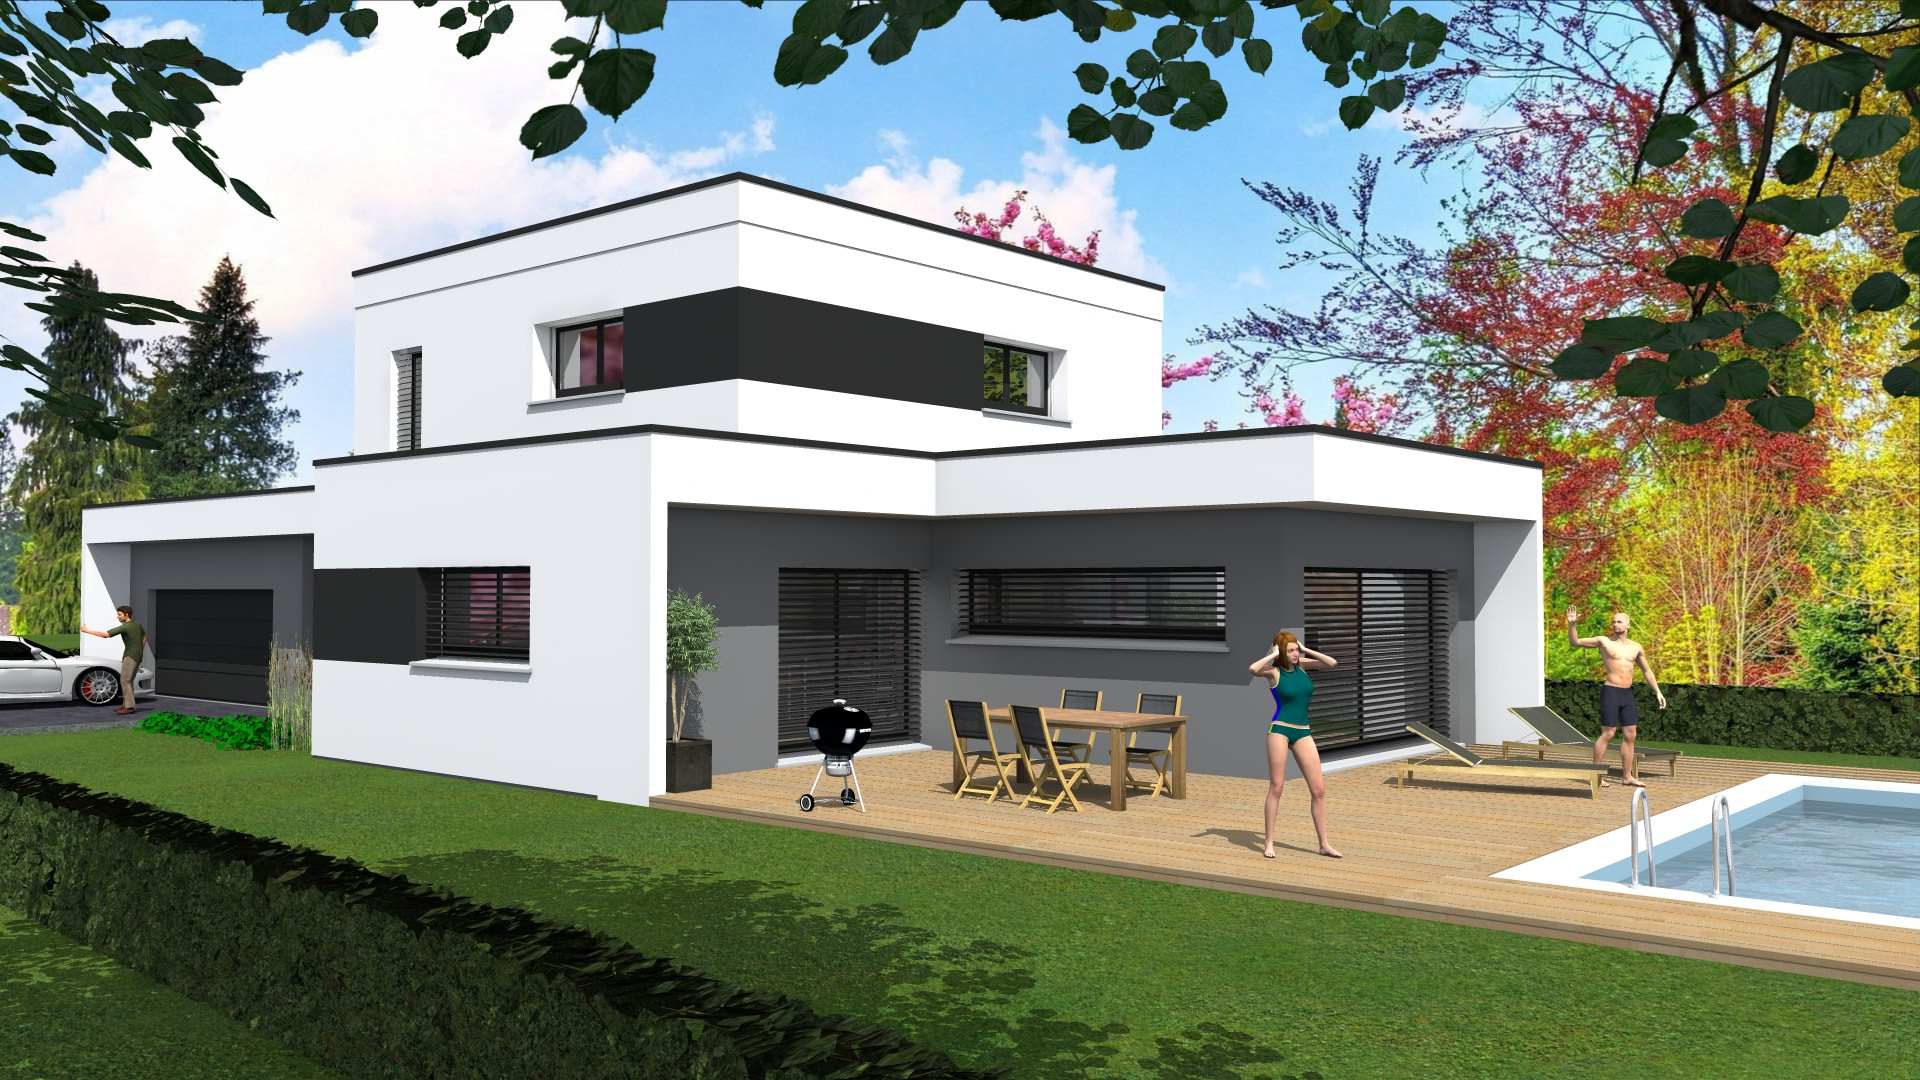 Maison Contemporaine Toit Terrasse maison a toit plat maisons contemporaines toit plat - idees